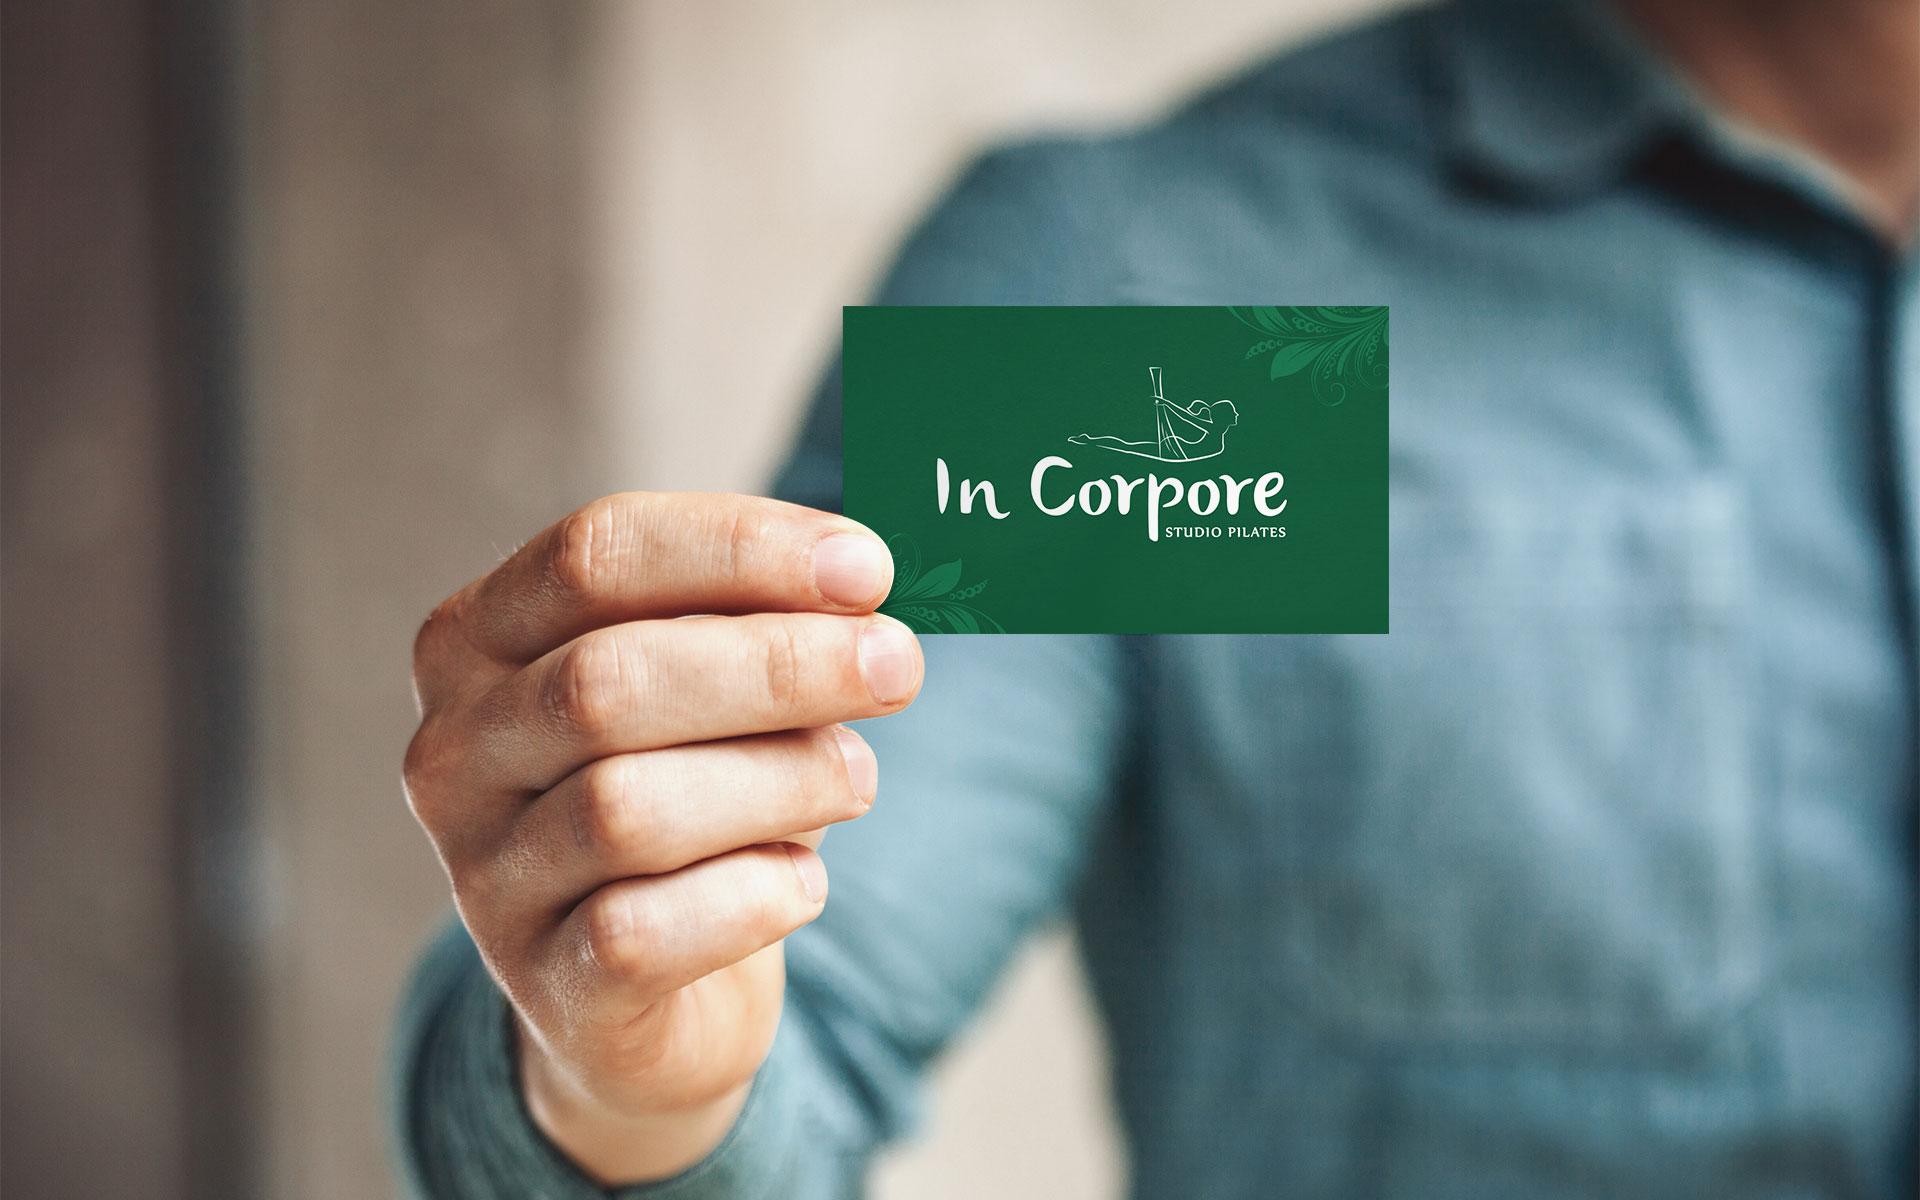 Cartão Visitas In Corpore Pilates